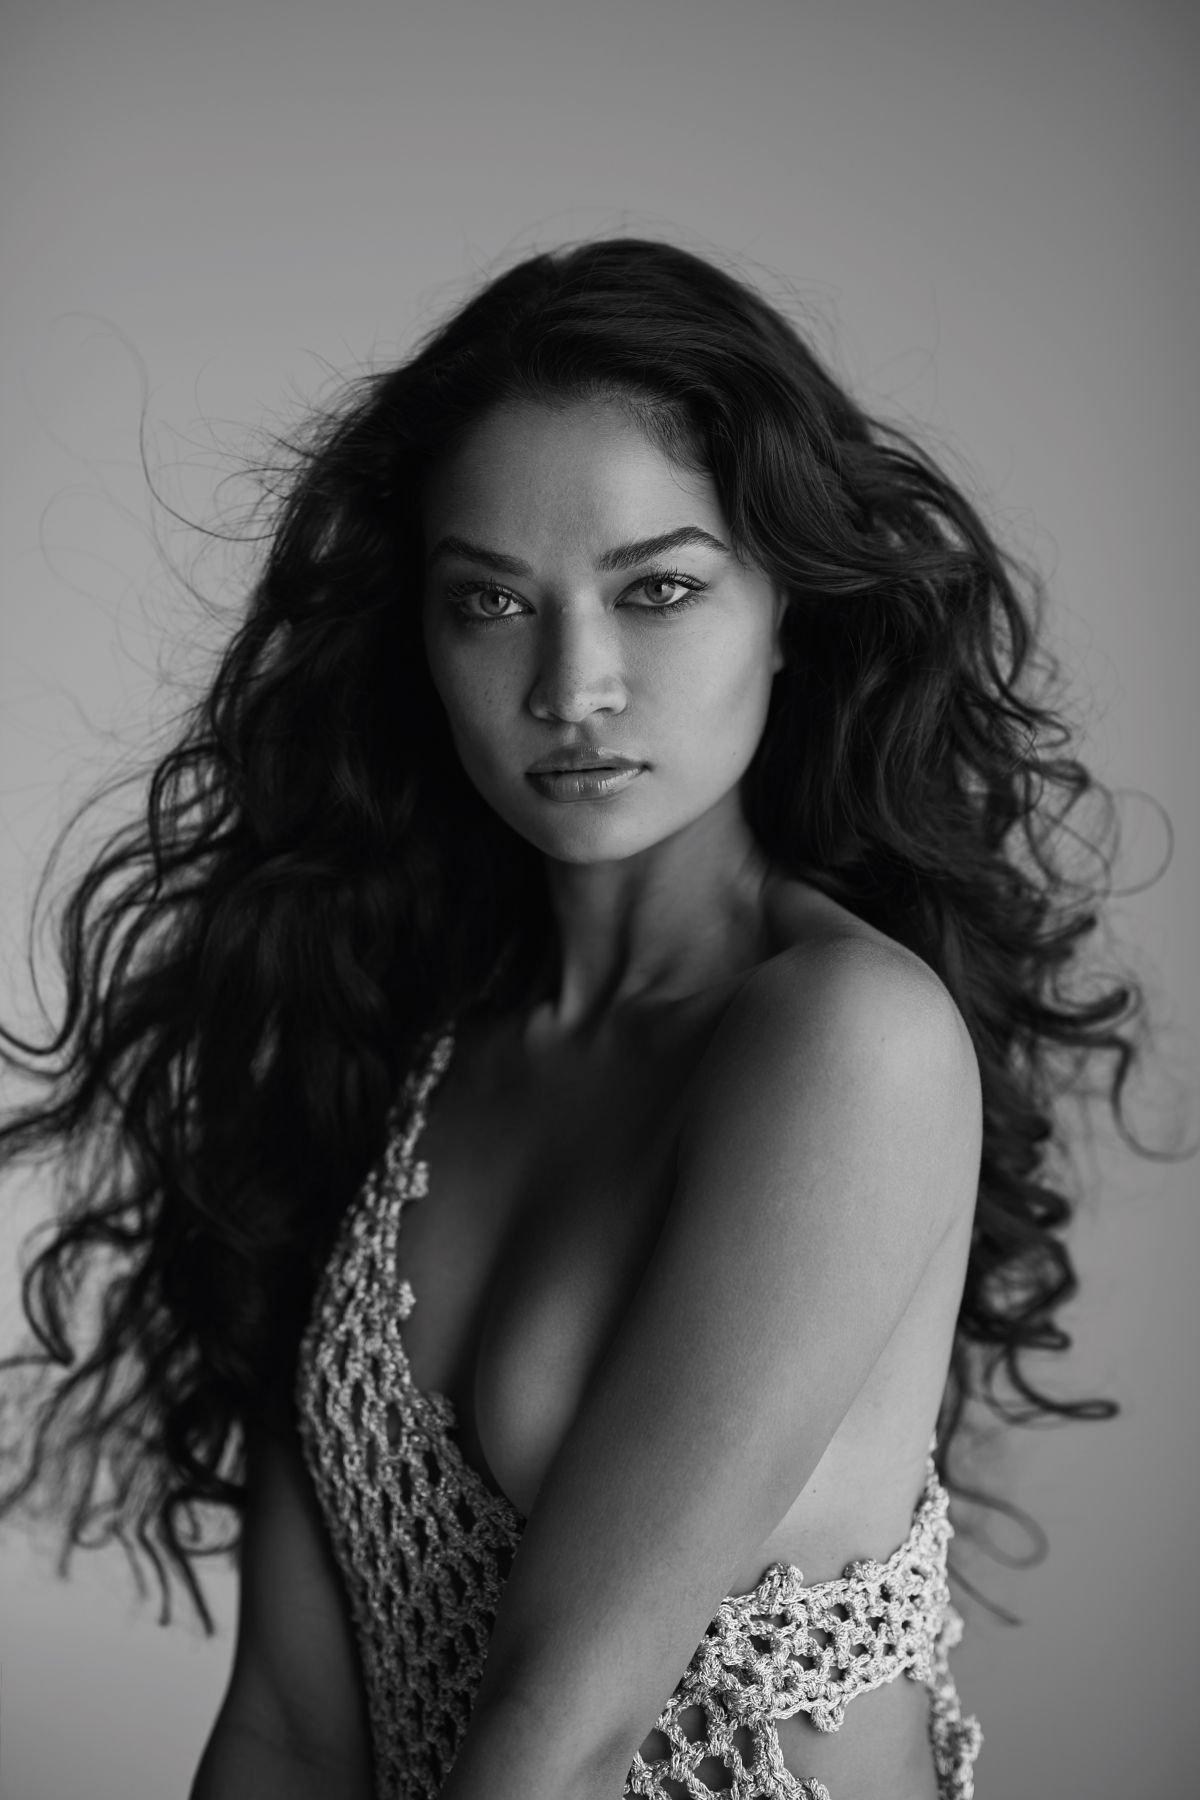 Shanina Shaik Topless Boobs